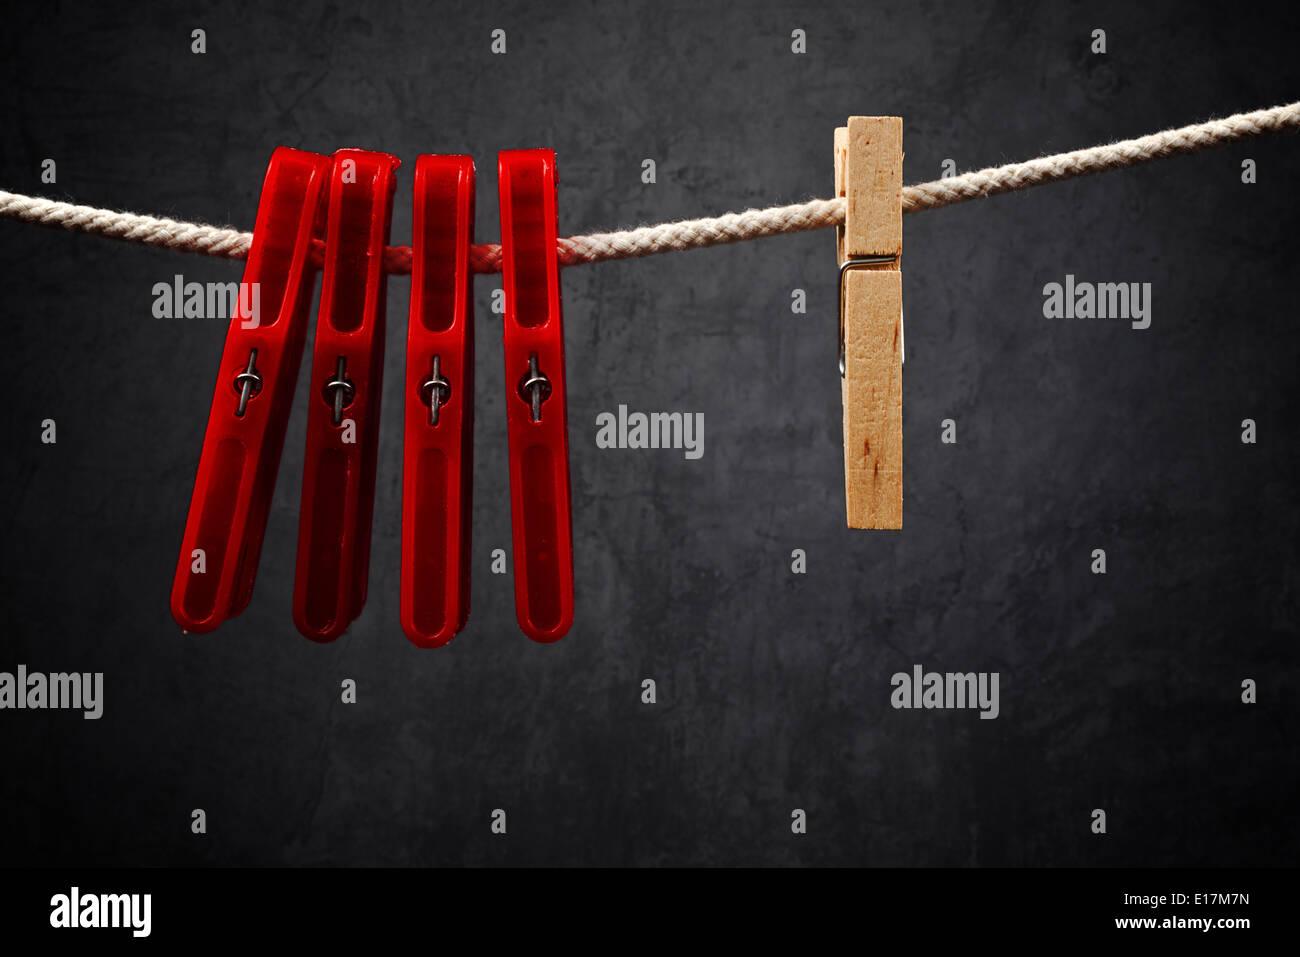 Wäscheklammern am Seil. Aus Holz wird aus der Masse hervorstechen. Stockbild